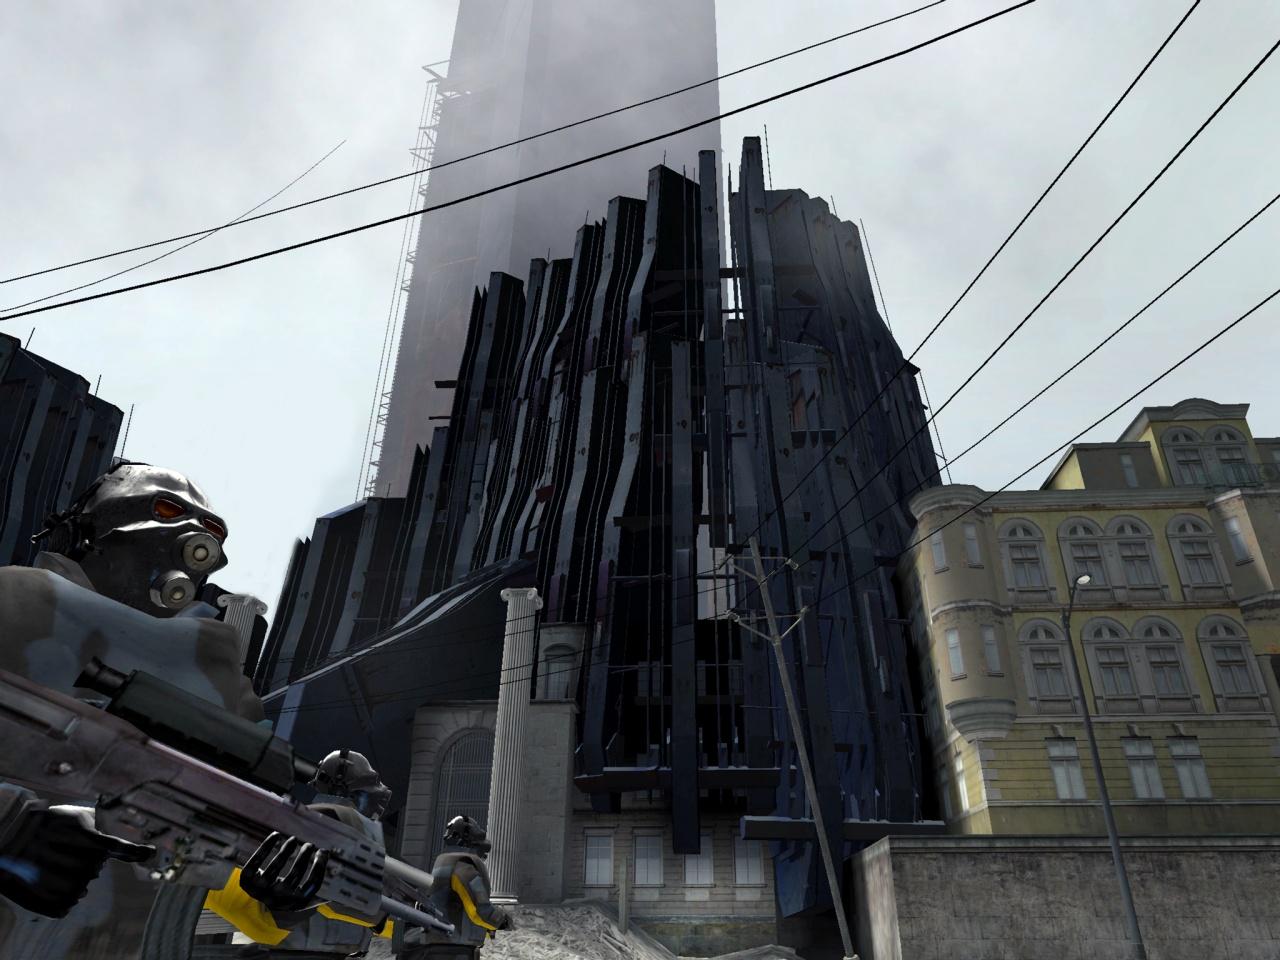 La Citadelle de Half-Life 2, aussi menaçante que doit l'être tout bâtiment administratif.